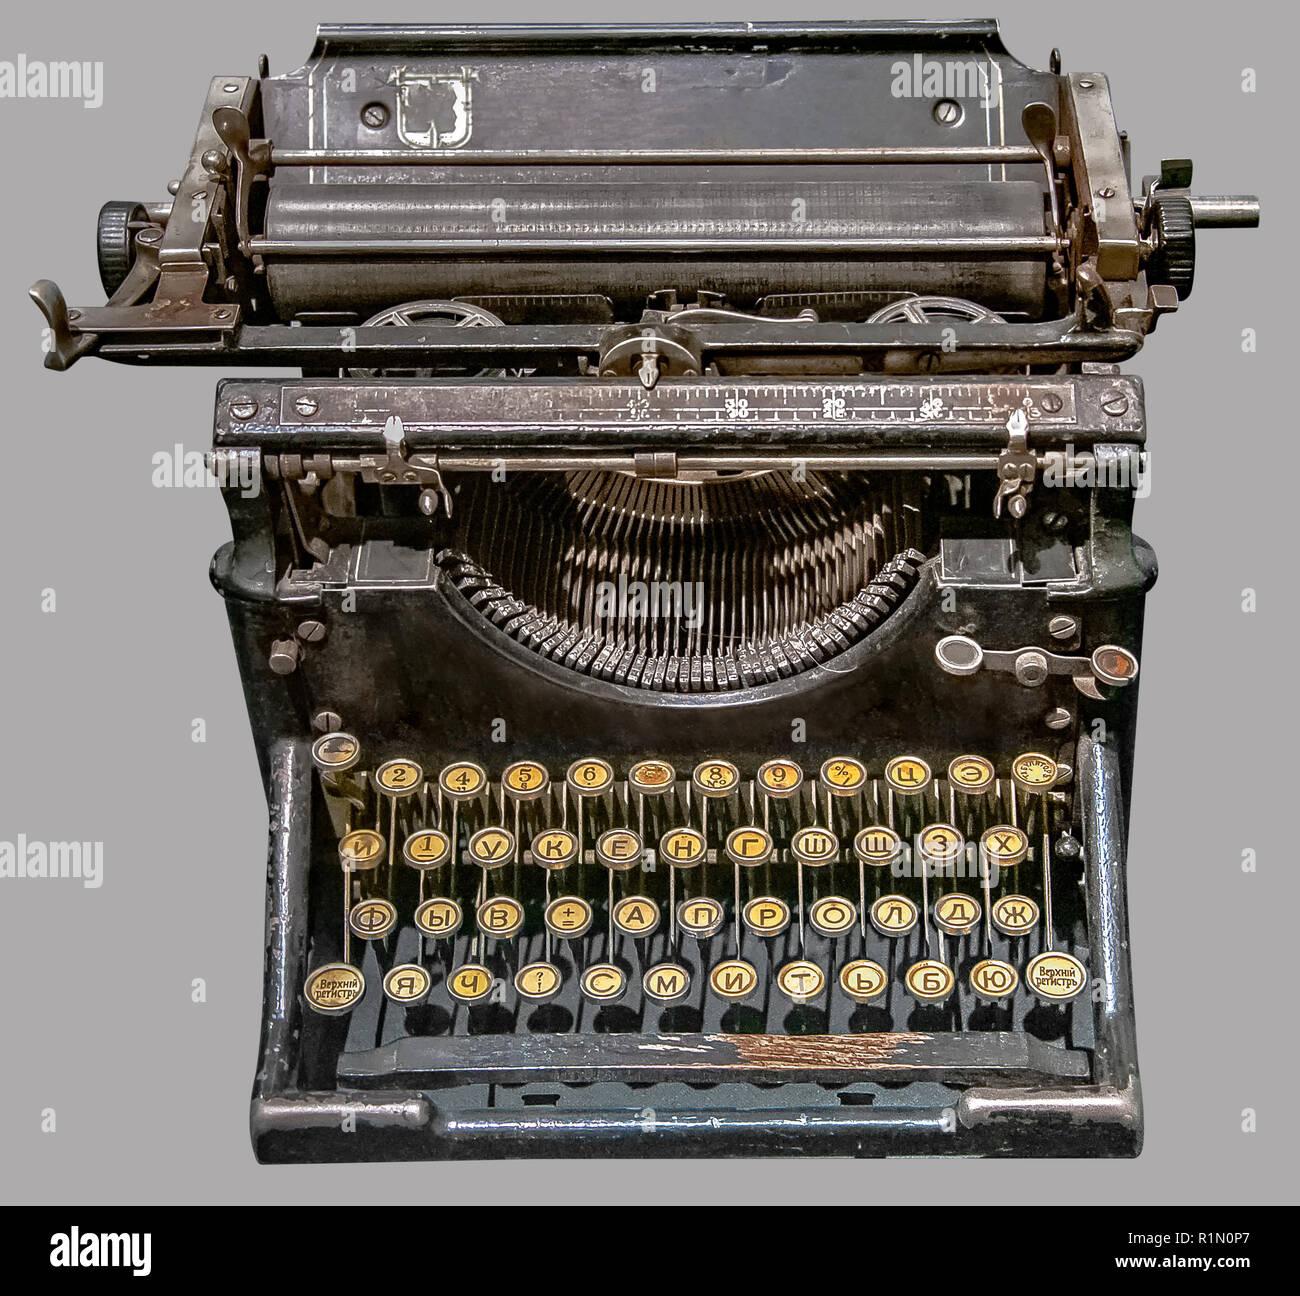 ANTIQUE Federación de máquina de escribir. Vintage ruso antigua máquina de  escribir sobre fondo gris fb4939291bab